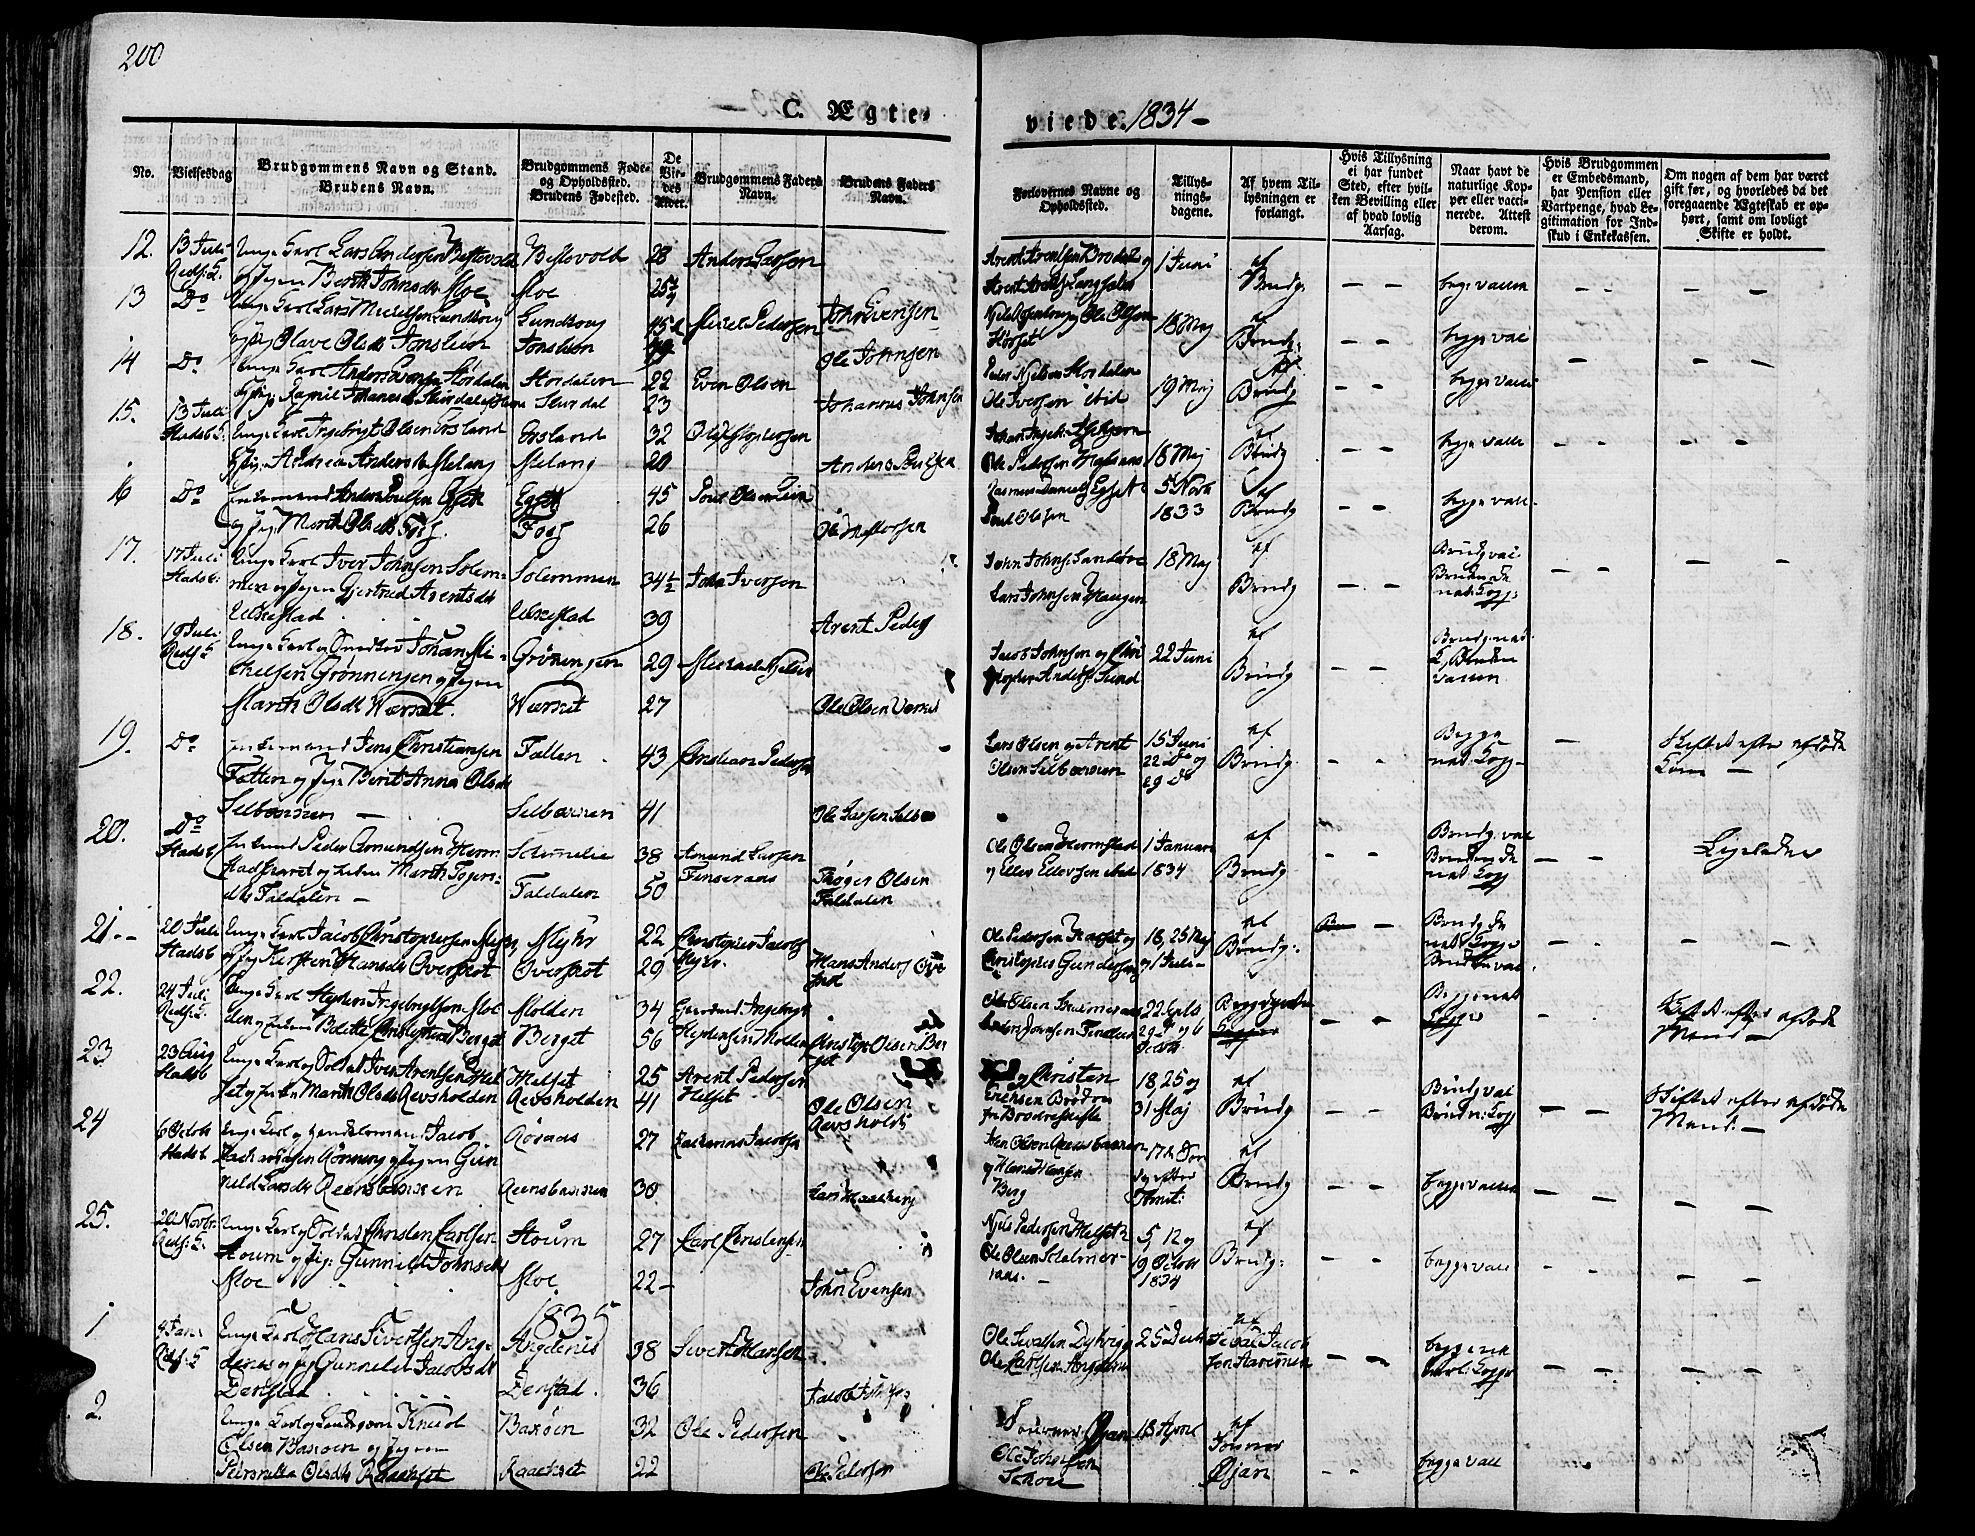 SAT, Ministerialprotokoller, klokkerbøker og fødselsregistre - Sør-Trøndelag, 646/L0609: Ministerialbok nr. 646A07, 1826-1838, s. 200